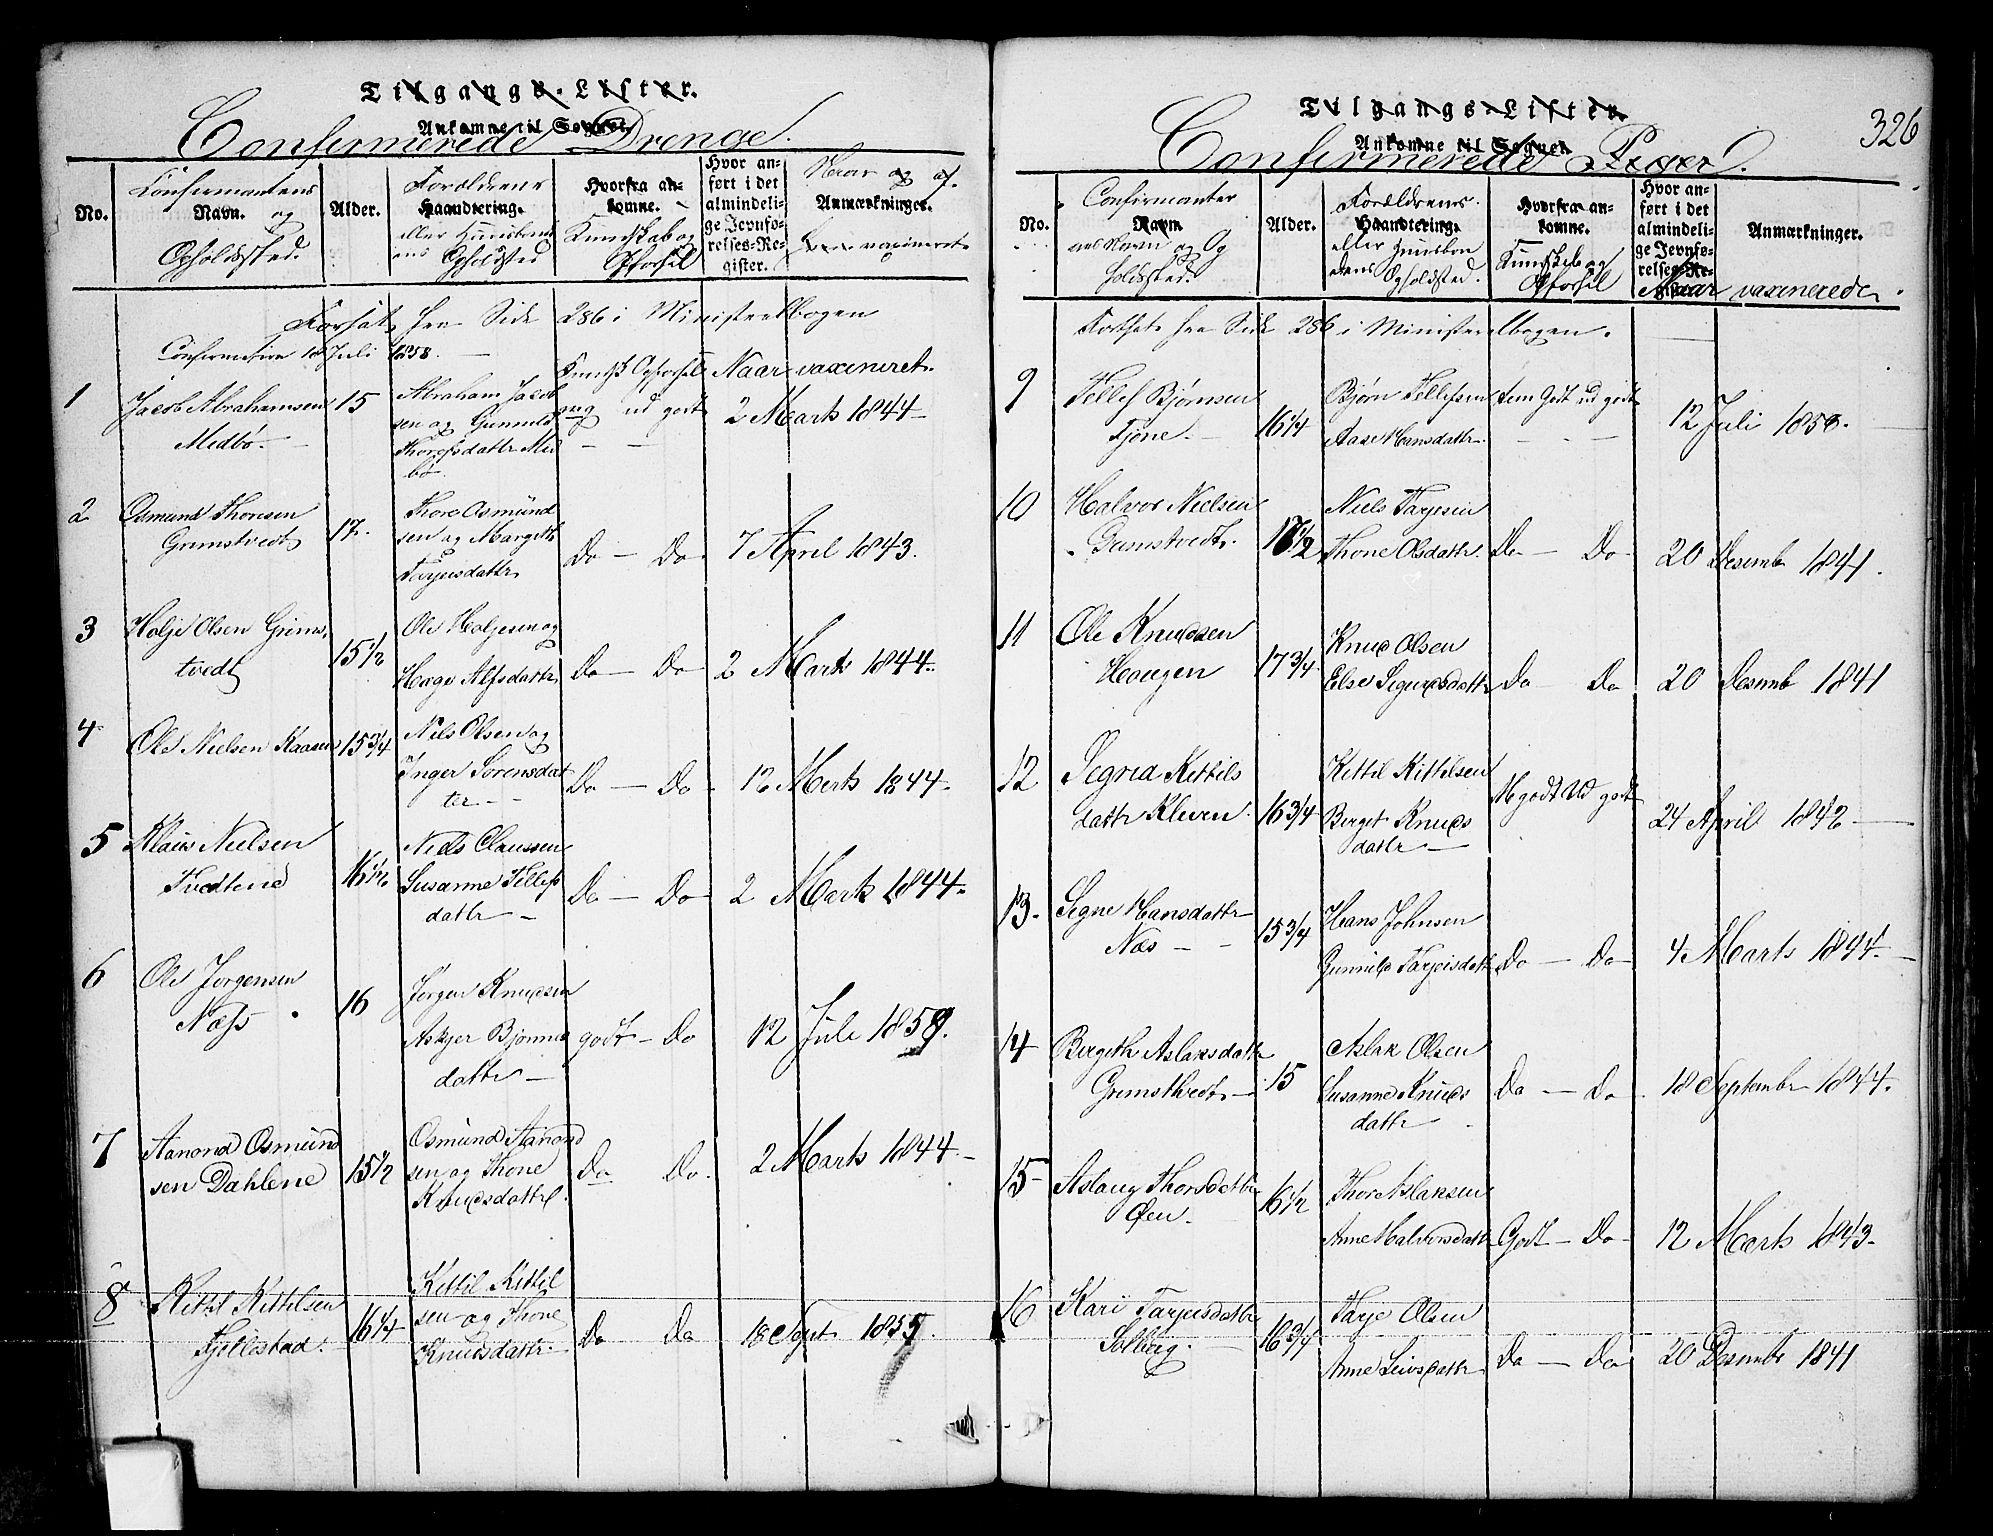 SAKO, Nissedal kirkebøker, G/Ga/L0001: Klokkerbok nr. I 1, 1814-1860, s. 326